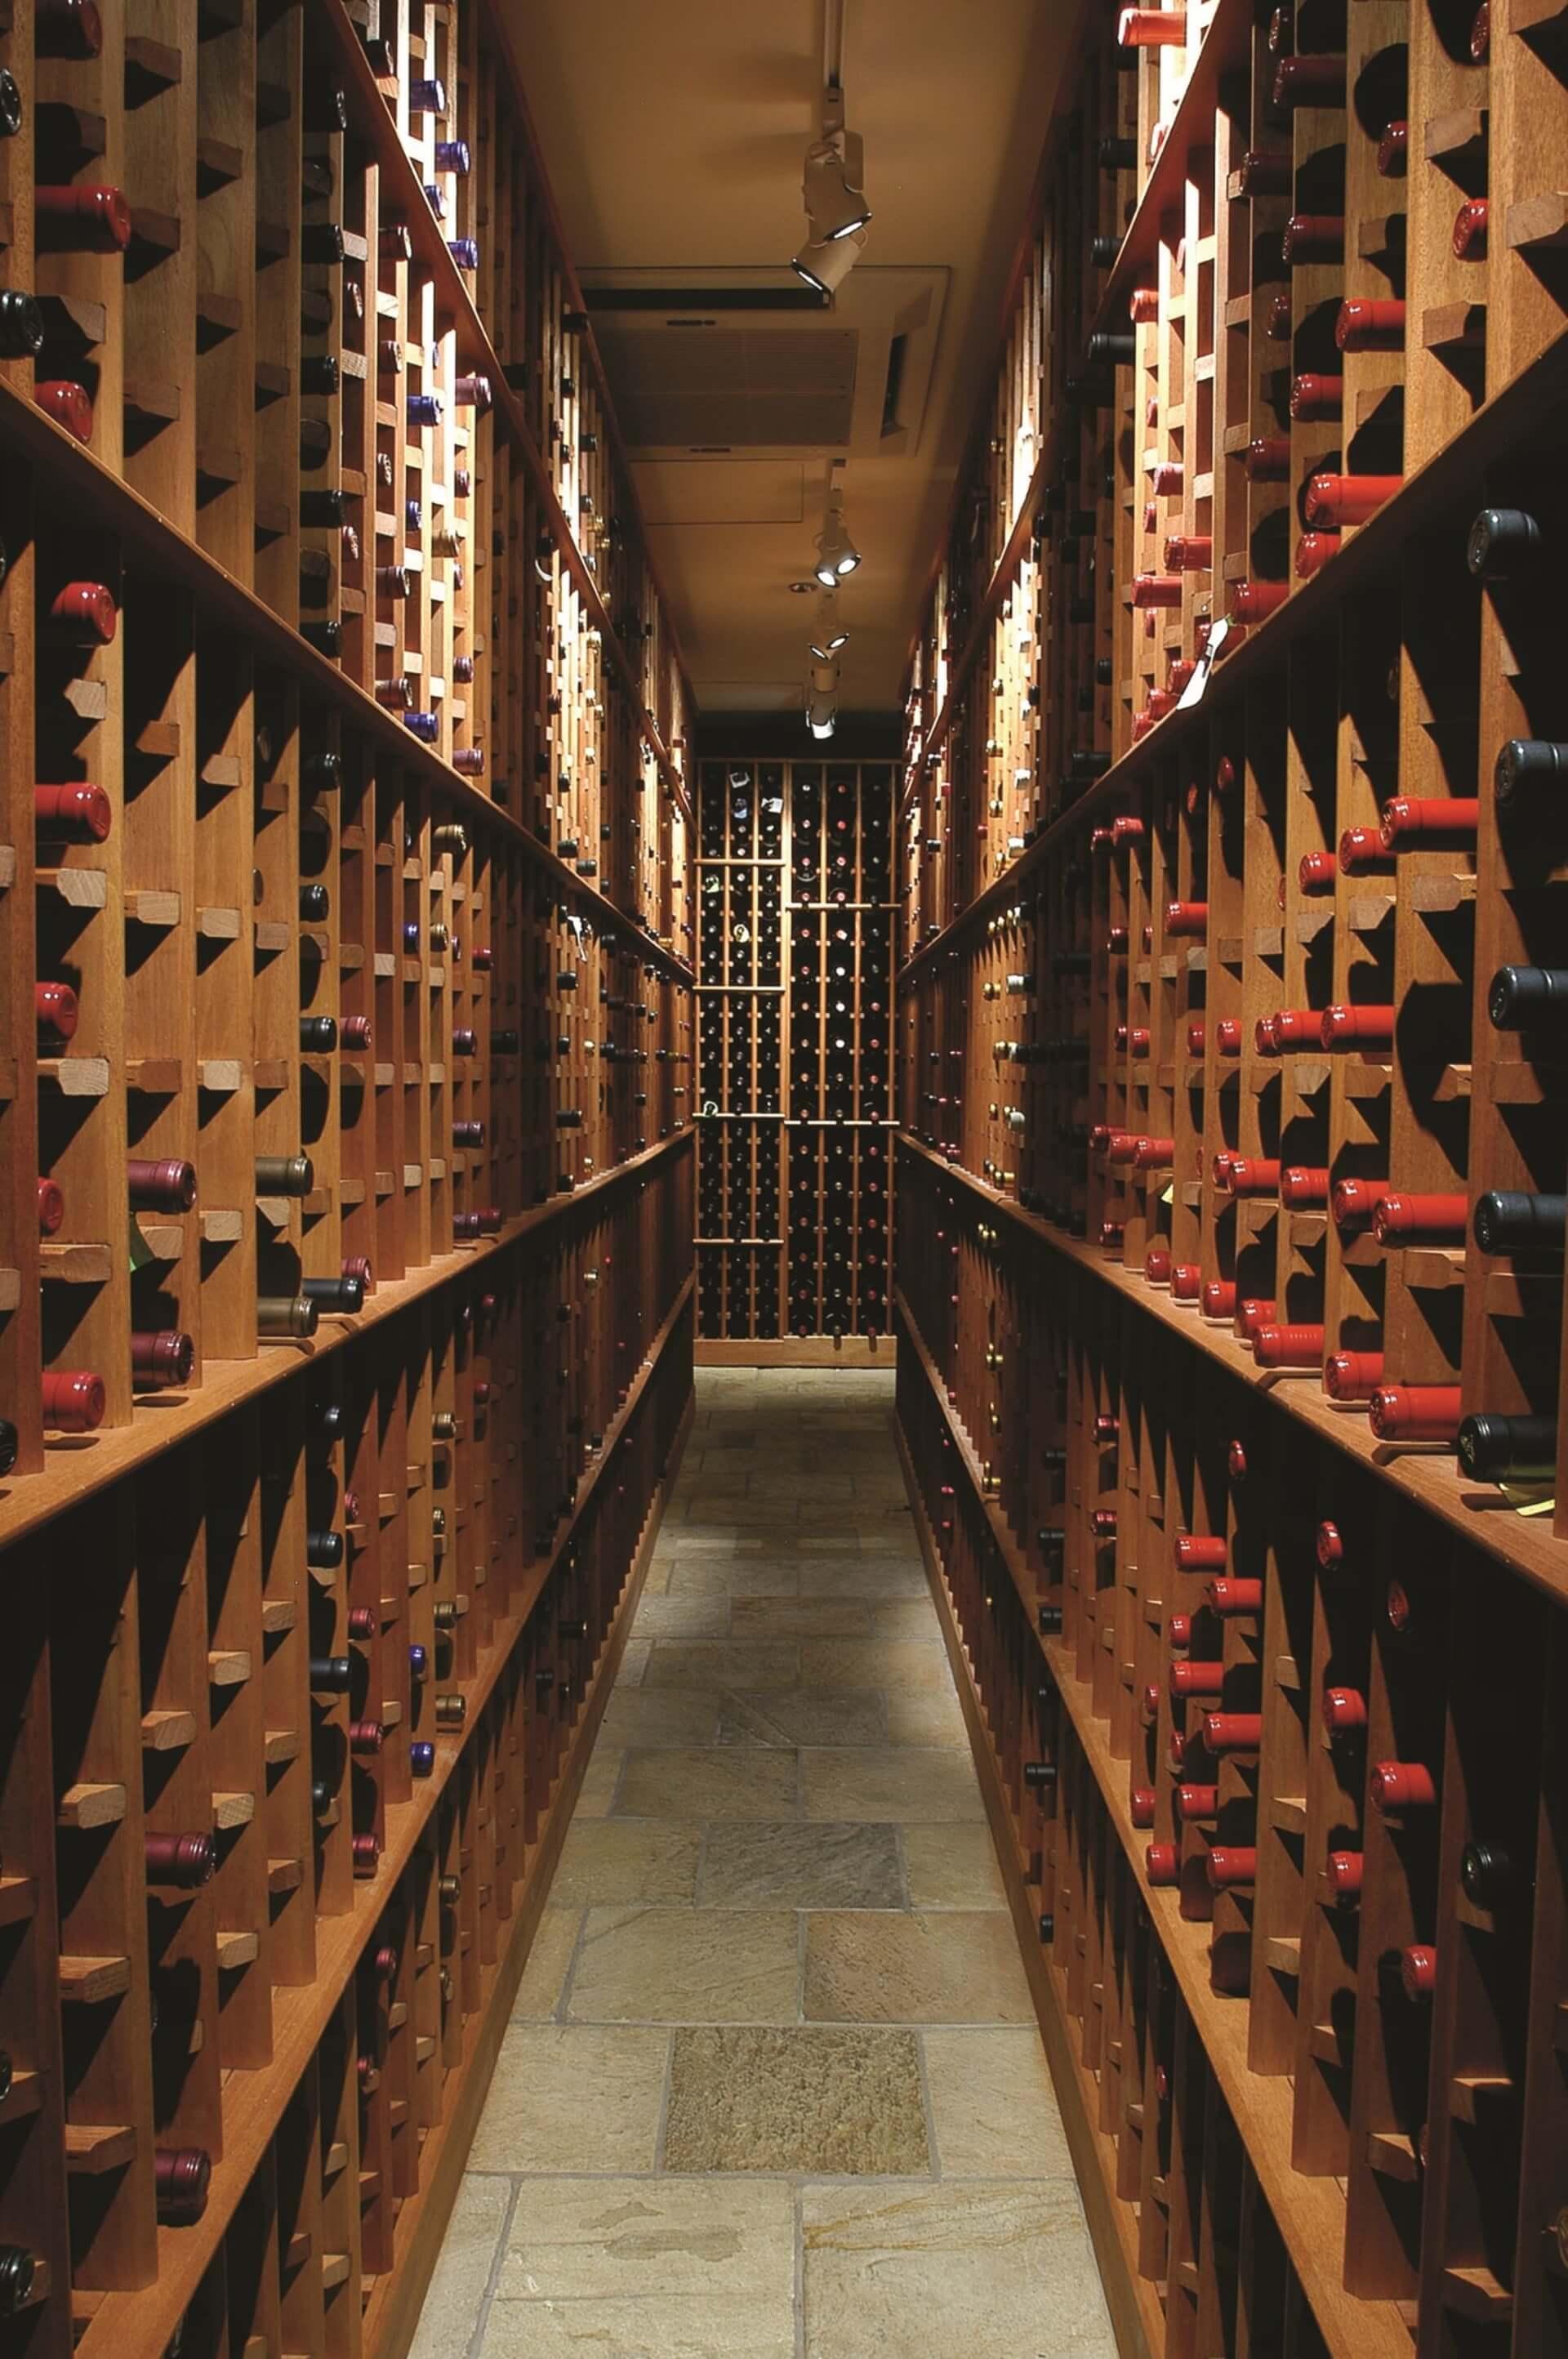 Imagem: Especialistas indicam que a iluminação seja suficiente apenas para ler os rótulos dos vinhos armazenados.